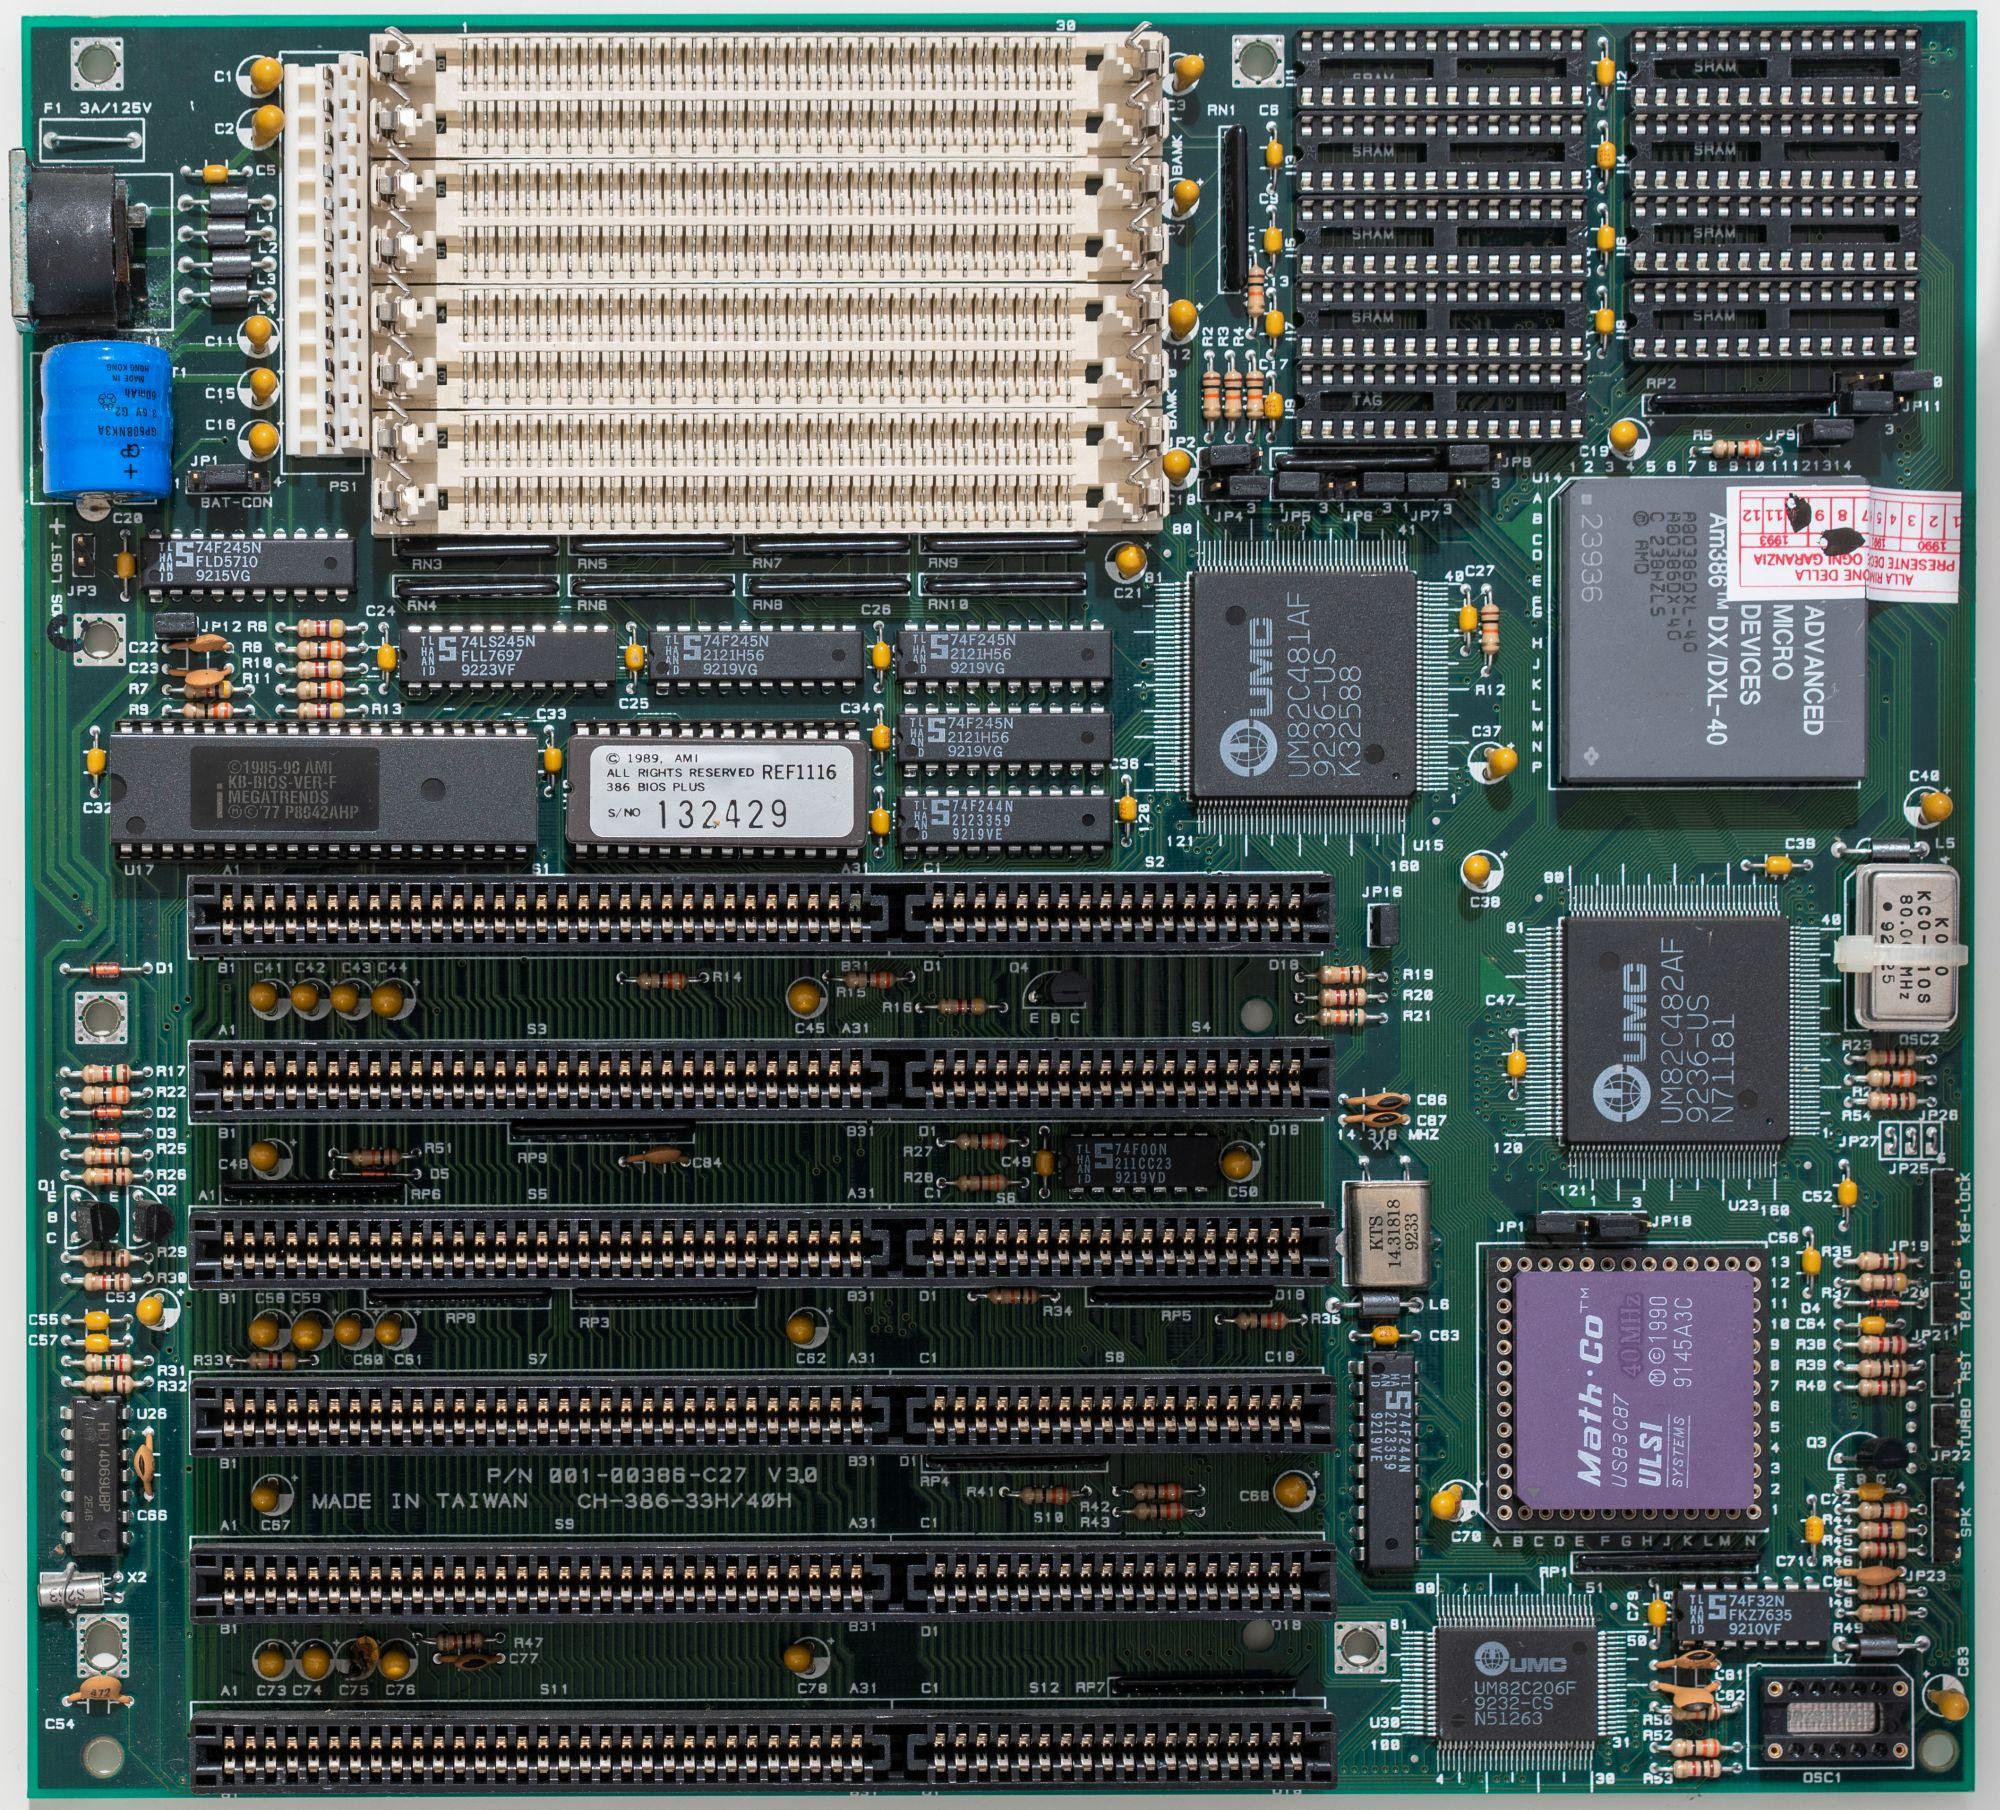 Древности: беспощадный апгрейд 386-го компьютера - 2